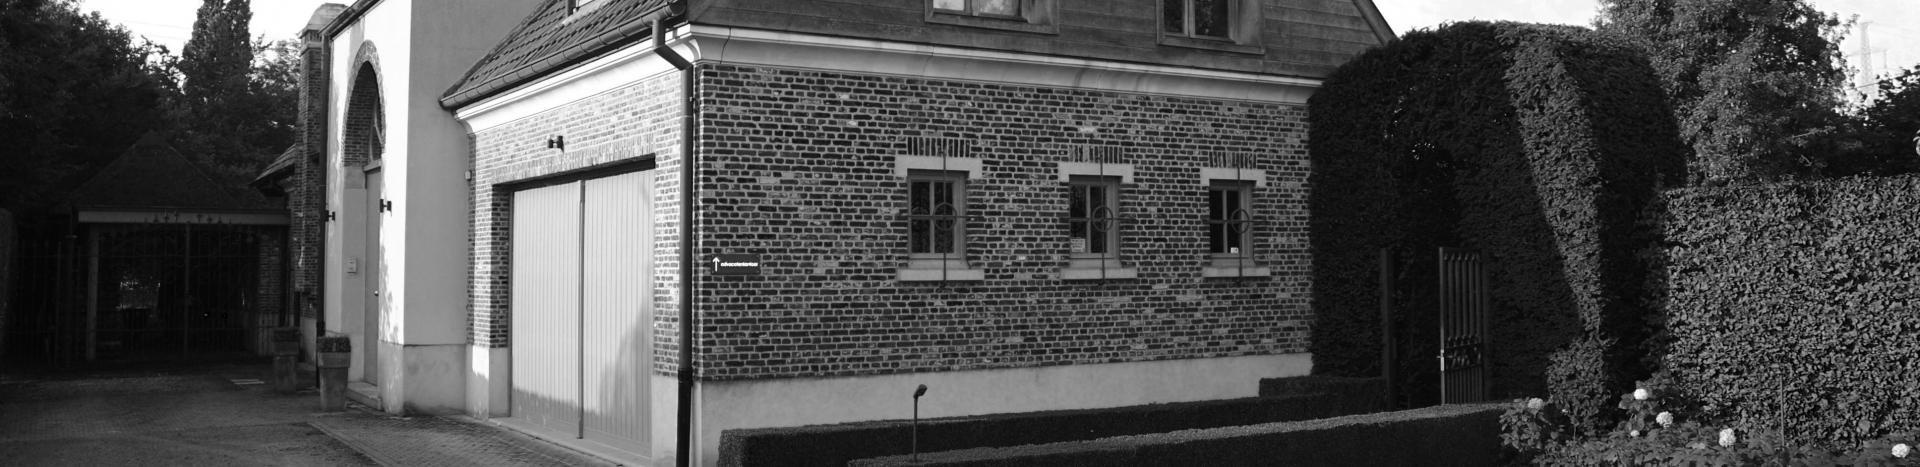 Kantoor buiten rechts